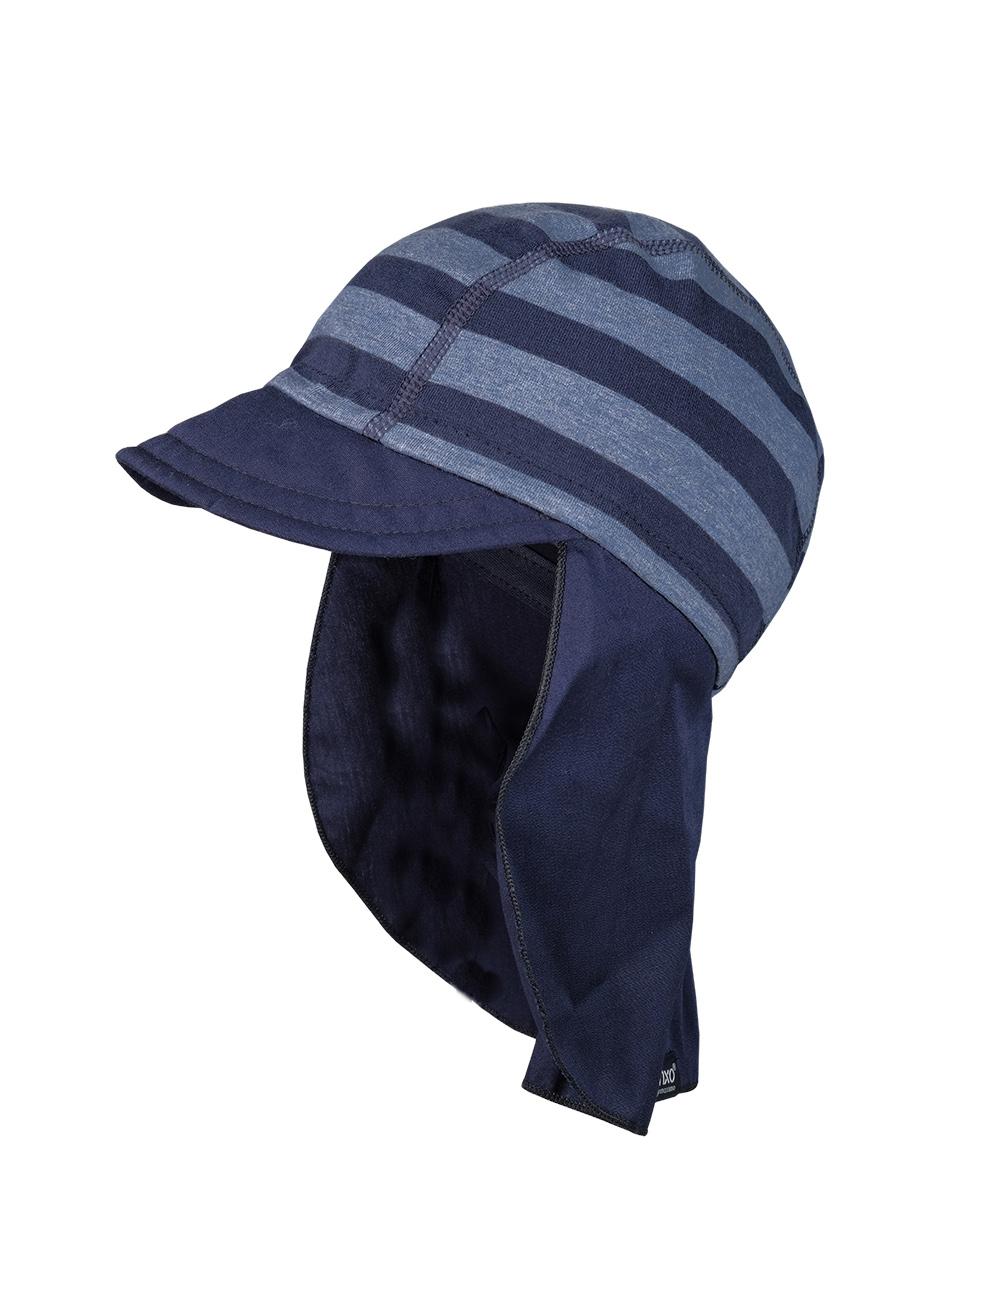 BOY-Schildmütze, Nackens. 49 Maximo. Farbe: jeansmeliert/marine, Größe: 49